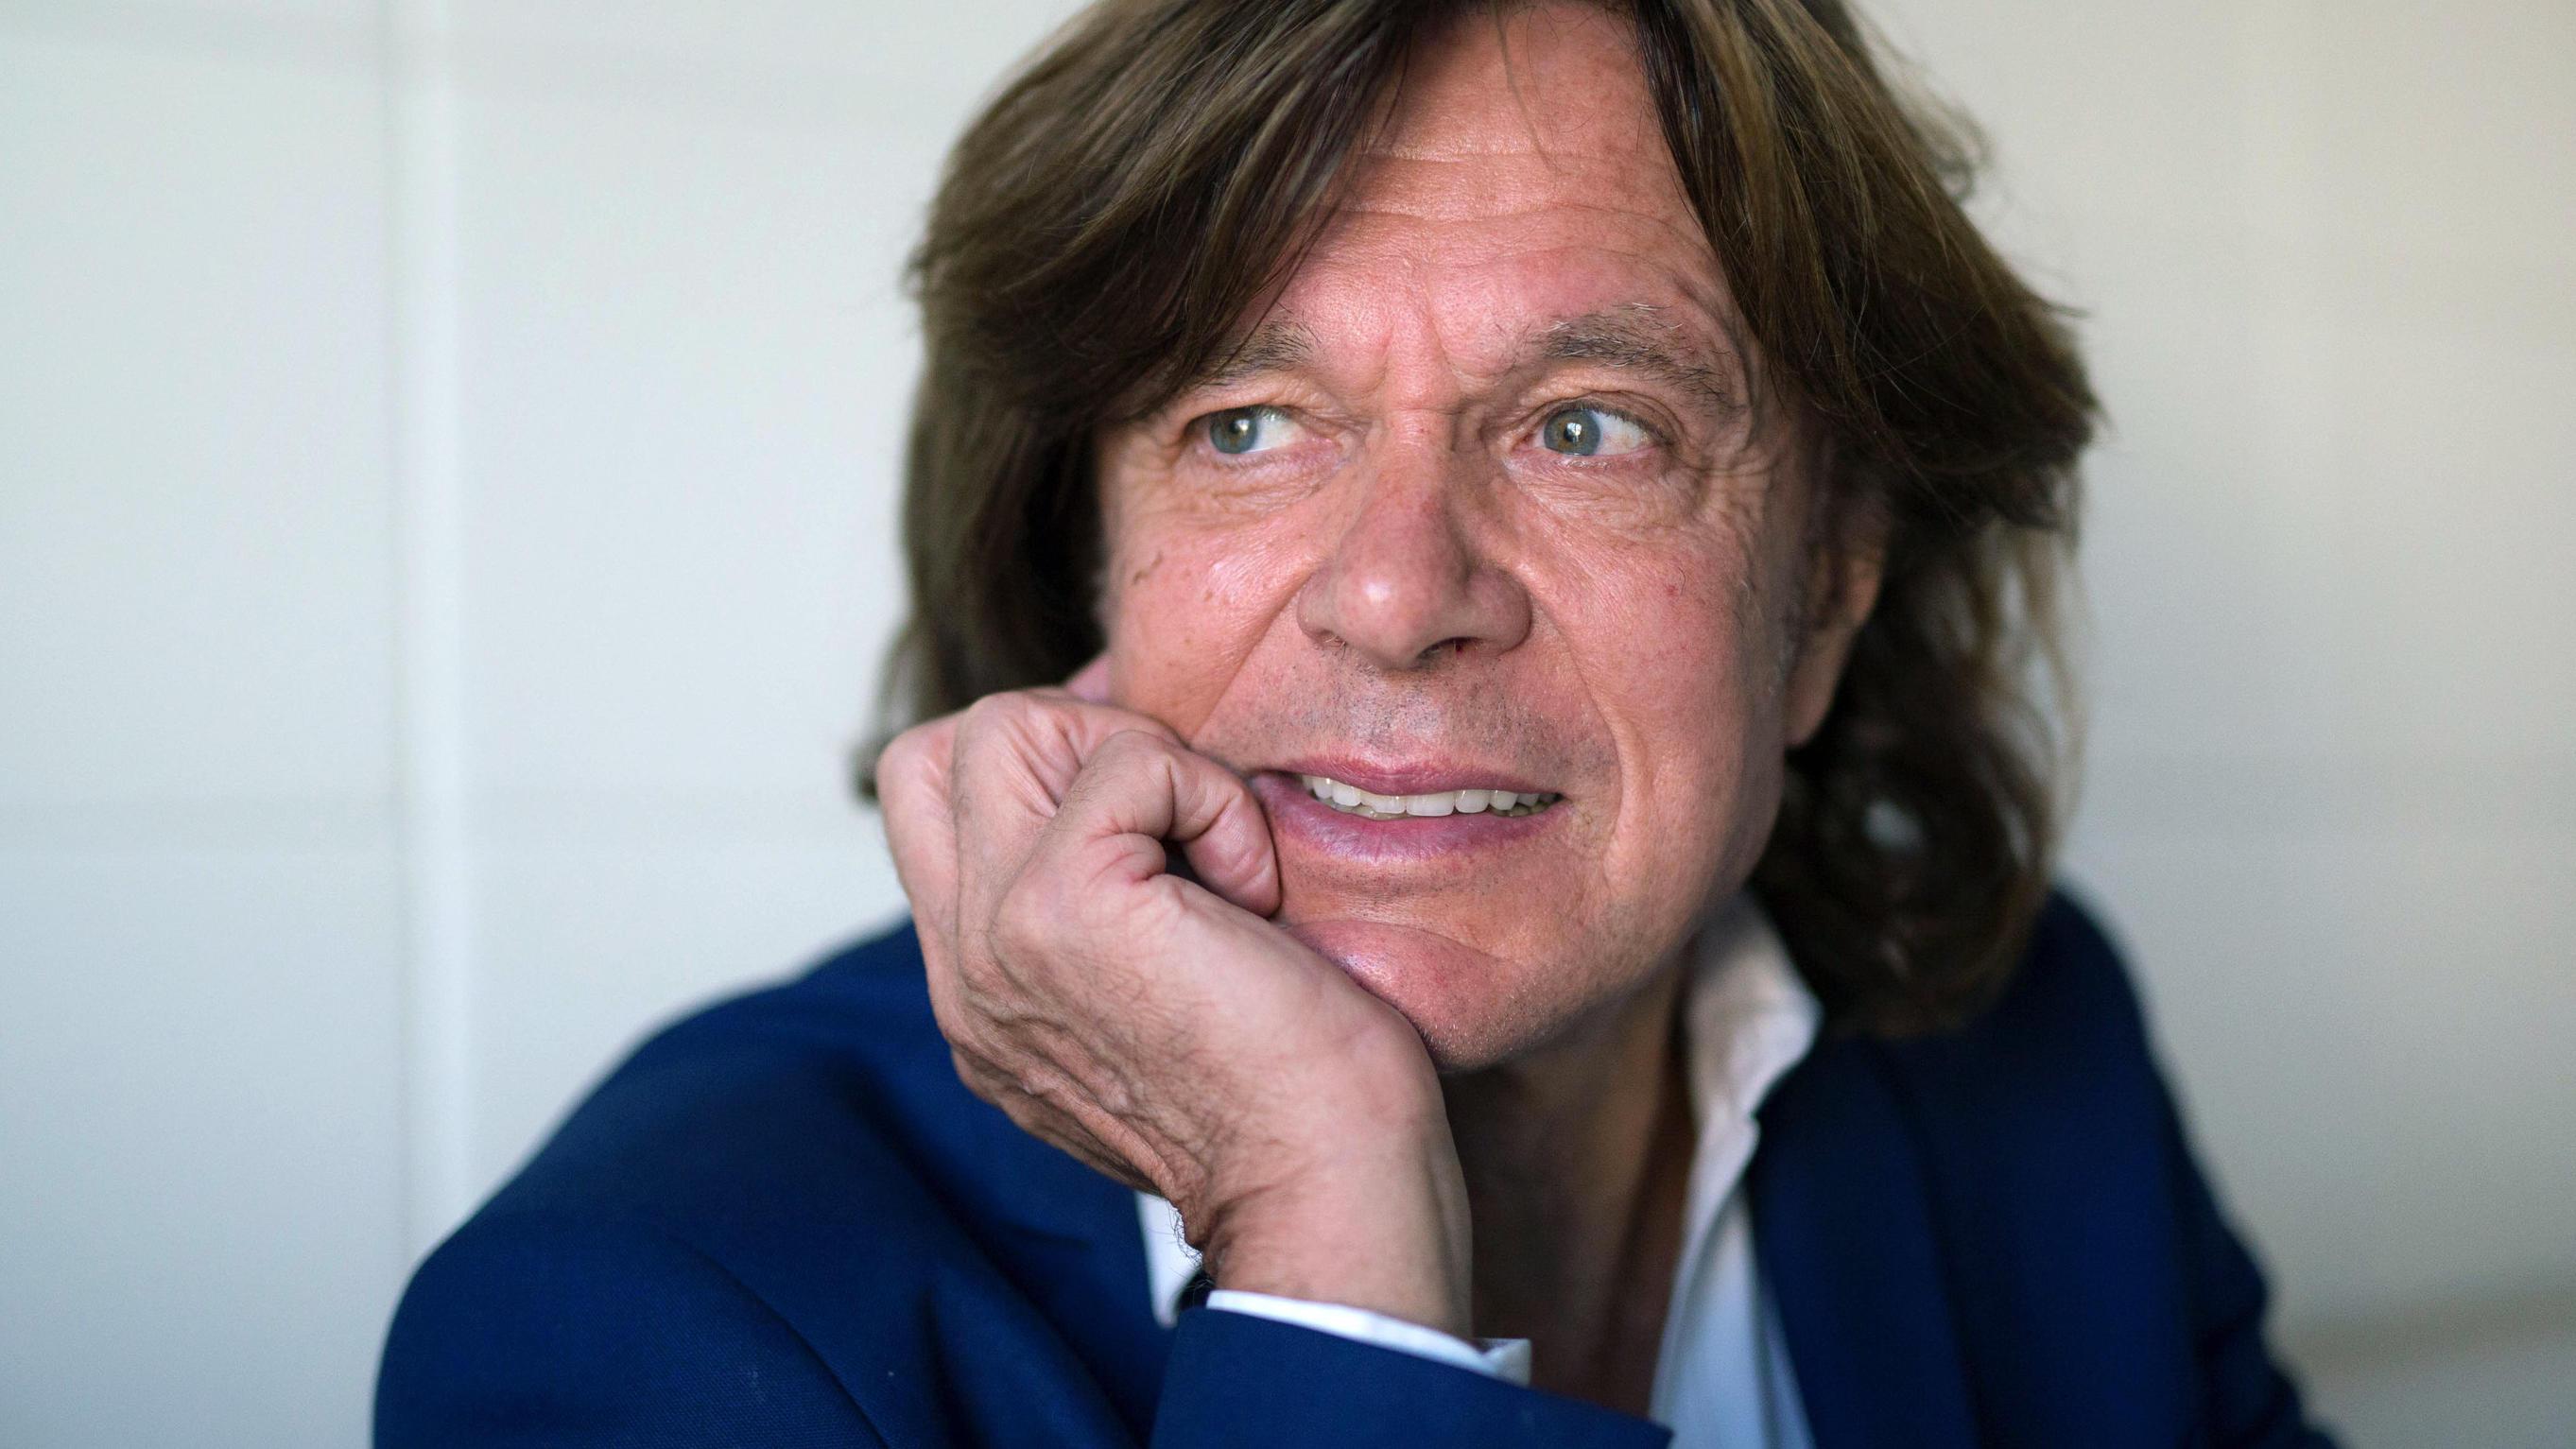 Jürgen Drews erinnert sich an seinen ersten und gleichzeitig letzten Alkoholabsturz